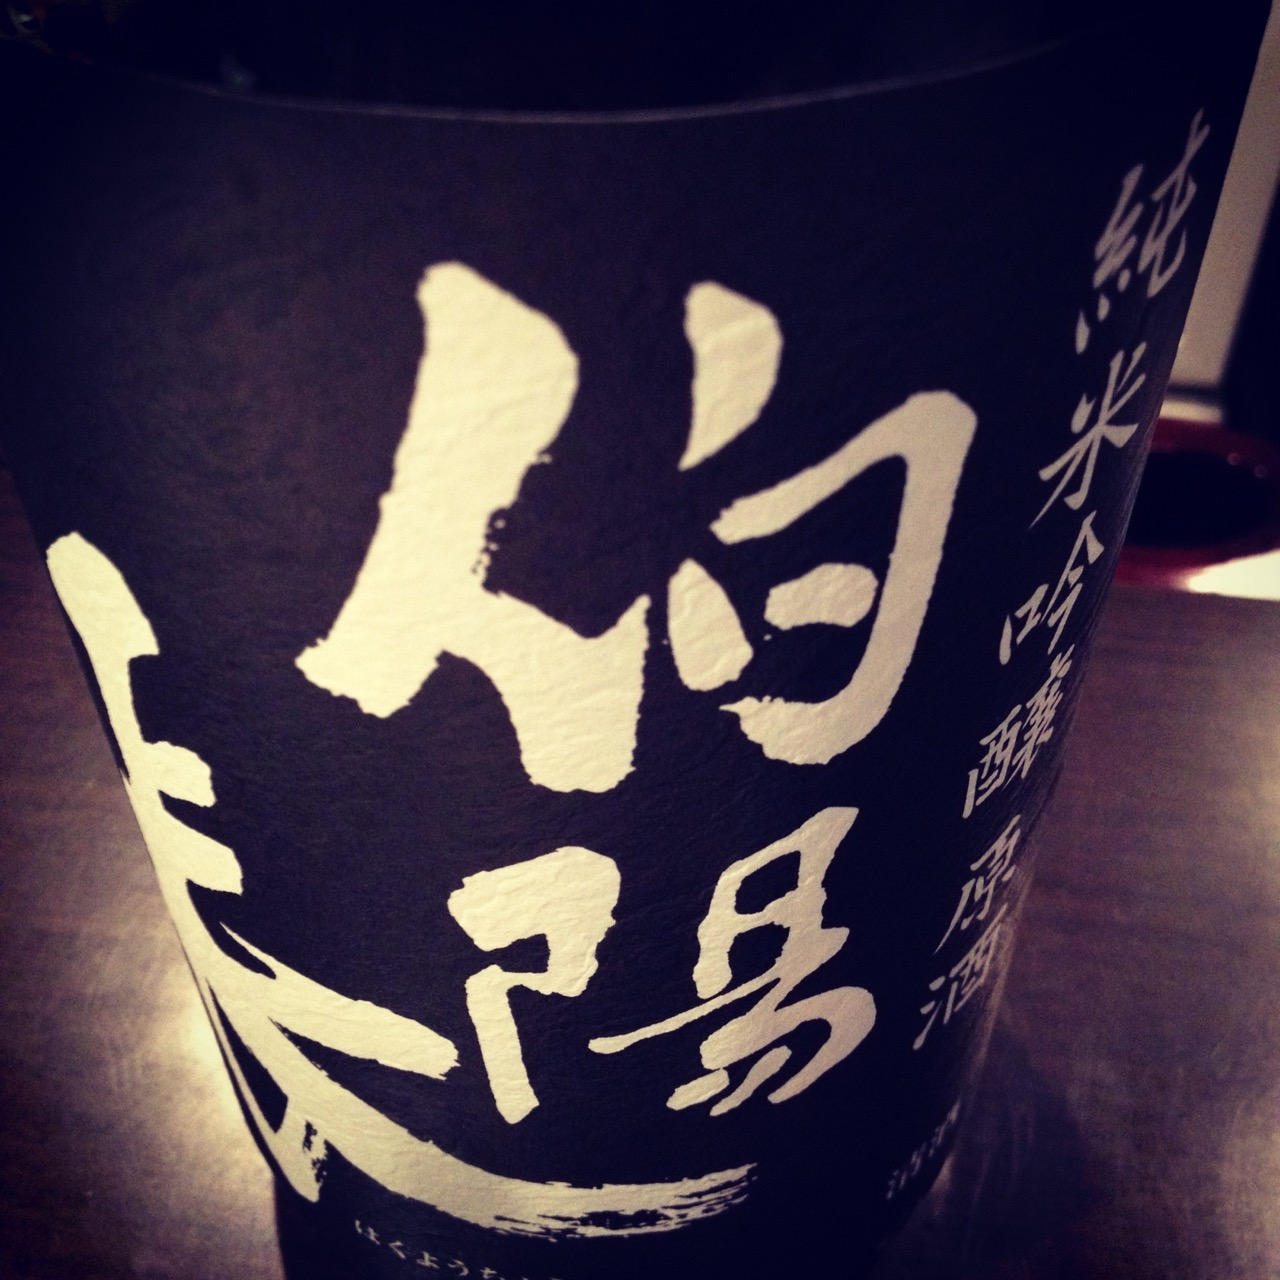 「伯陽長(はくようちょう)」純米吟醸 原酒 とろり ふくよか仕上げ 日本酒テイスティングノート